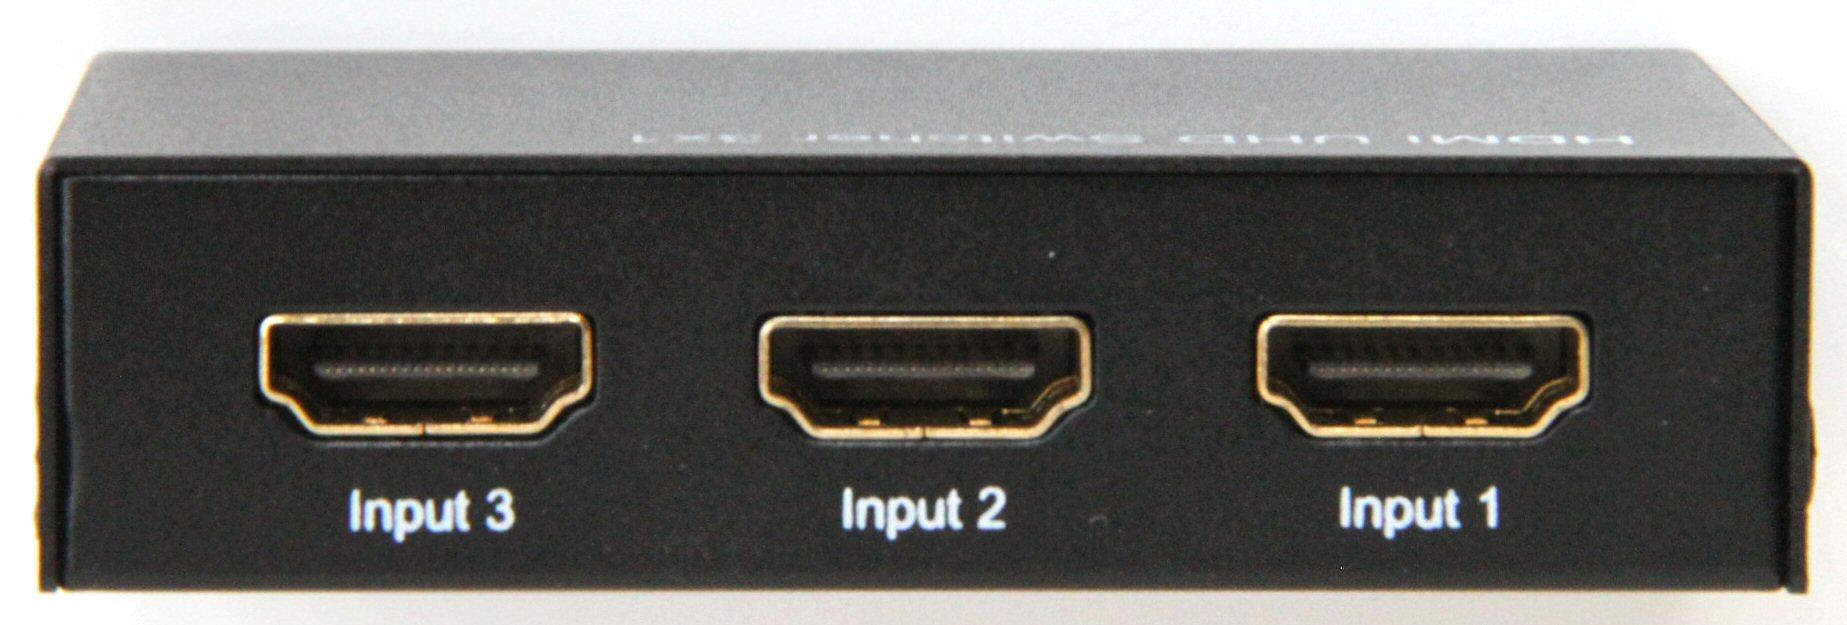 HDMI切替器 4K60Hz対応 3入力1出力